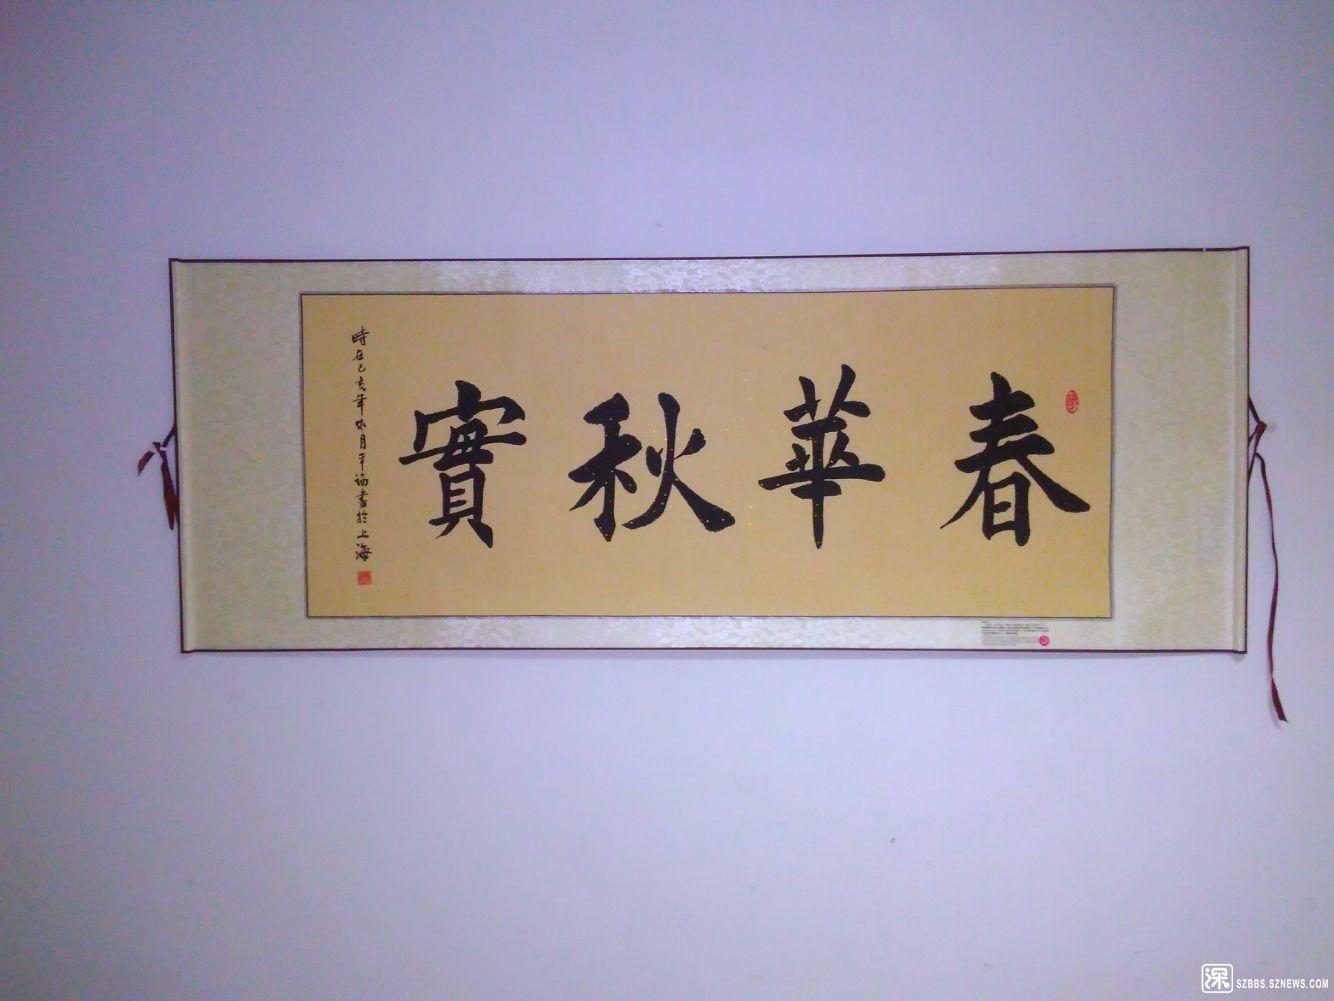 马平福 国际知名书画家 收藏级艺术品2122.jpg